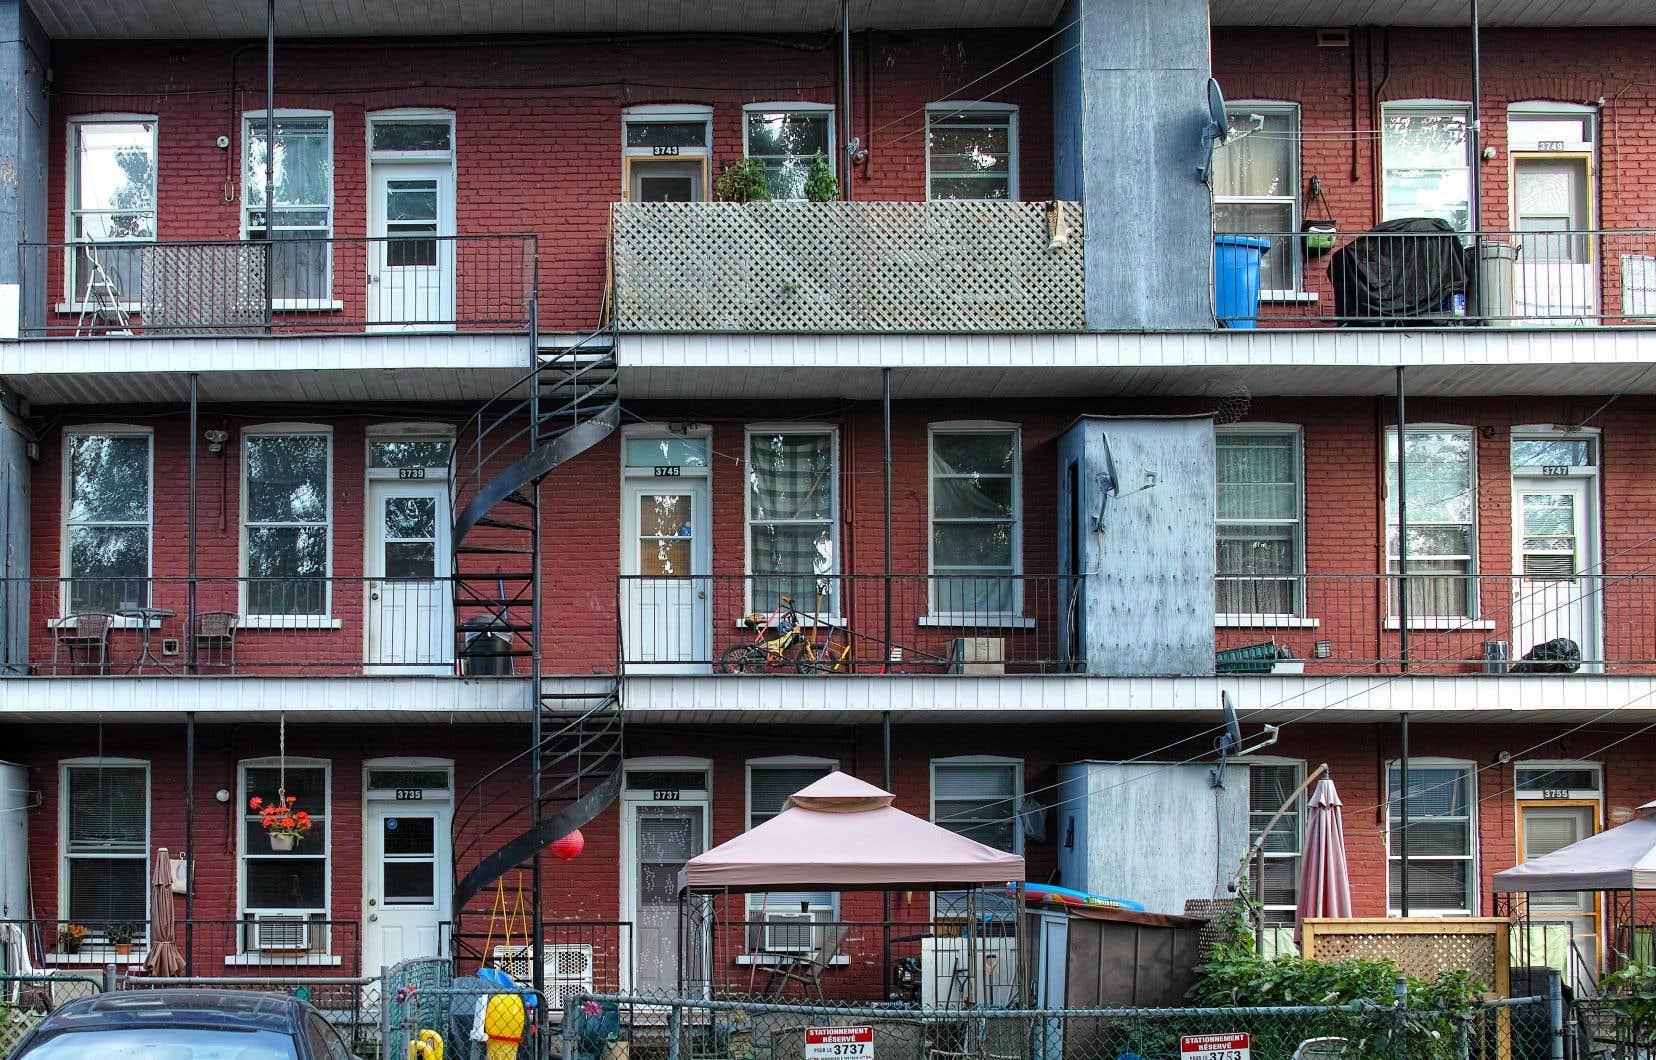 «Les médias font de plus en plus état des phénomènes qui fragilisent le rapport au logement des locataires, mais on entend peu la parole de celles et ceux qui les traversent au quotidien», écrit l'auteur.